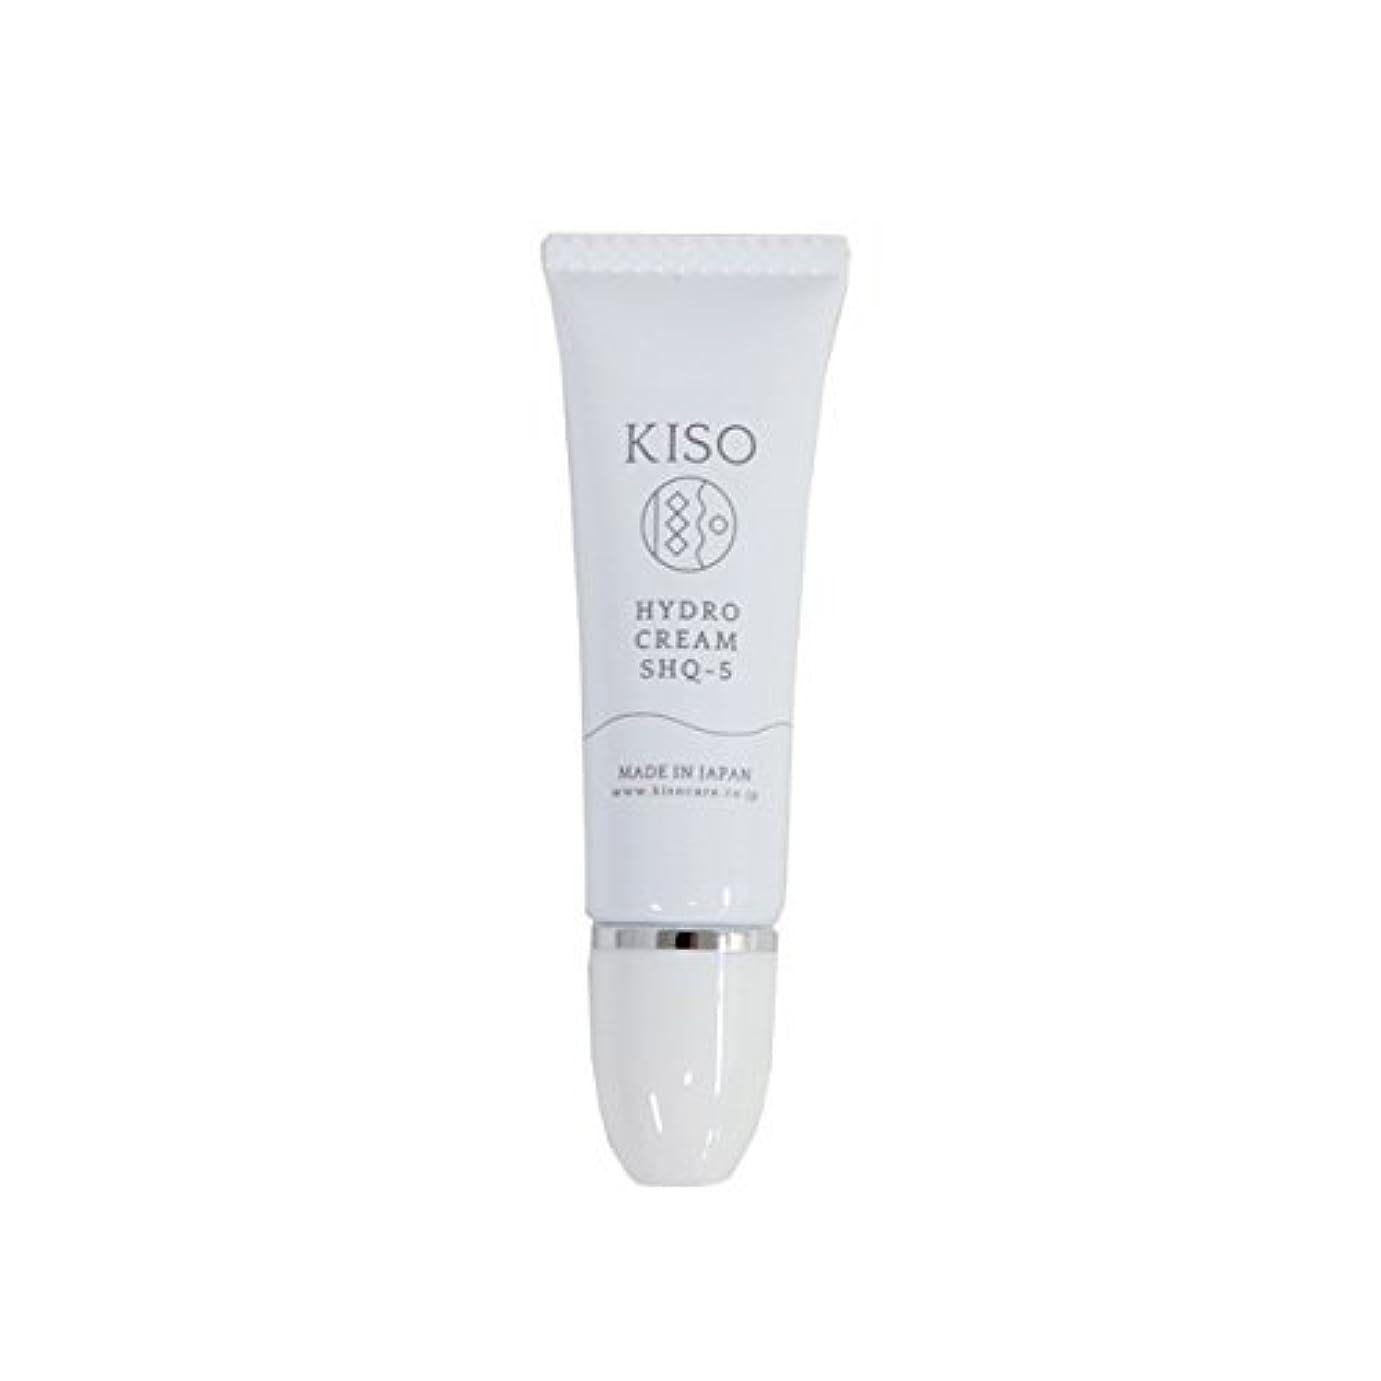 サッカーホース光のKISO 安定型 ハイドロキノン 5%配合【ハイドロ クリーム SHQ-5 10g】スキンケアで肌を整えた後にちょこっとケア 日本製